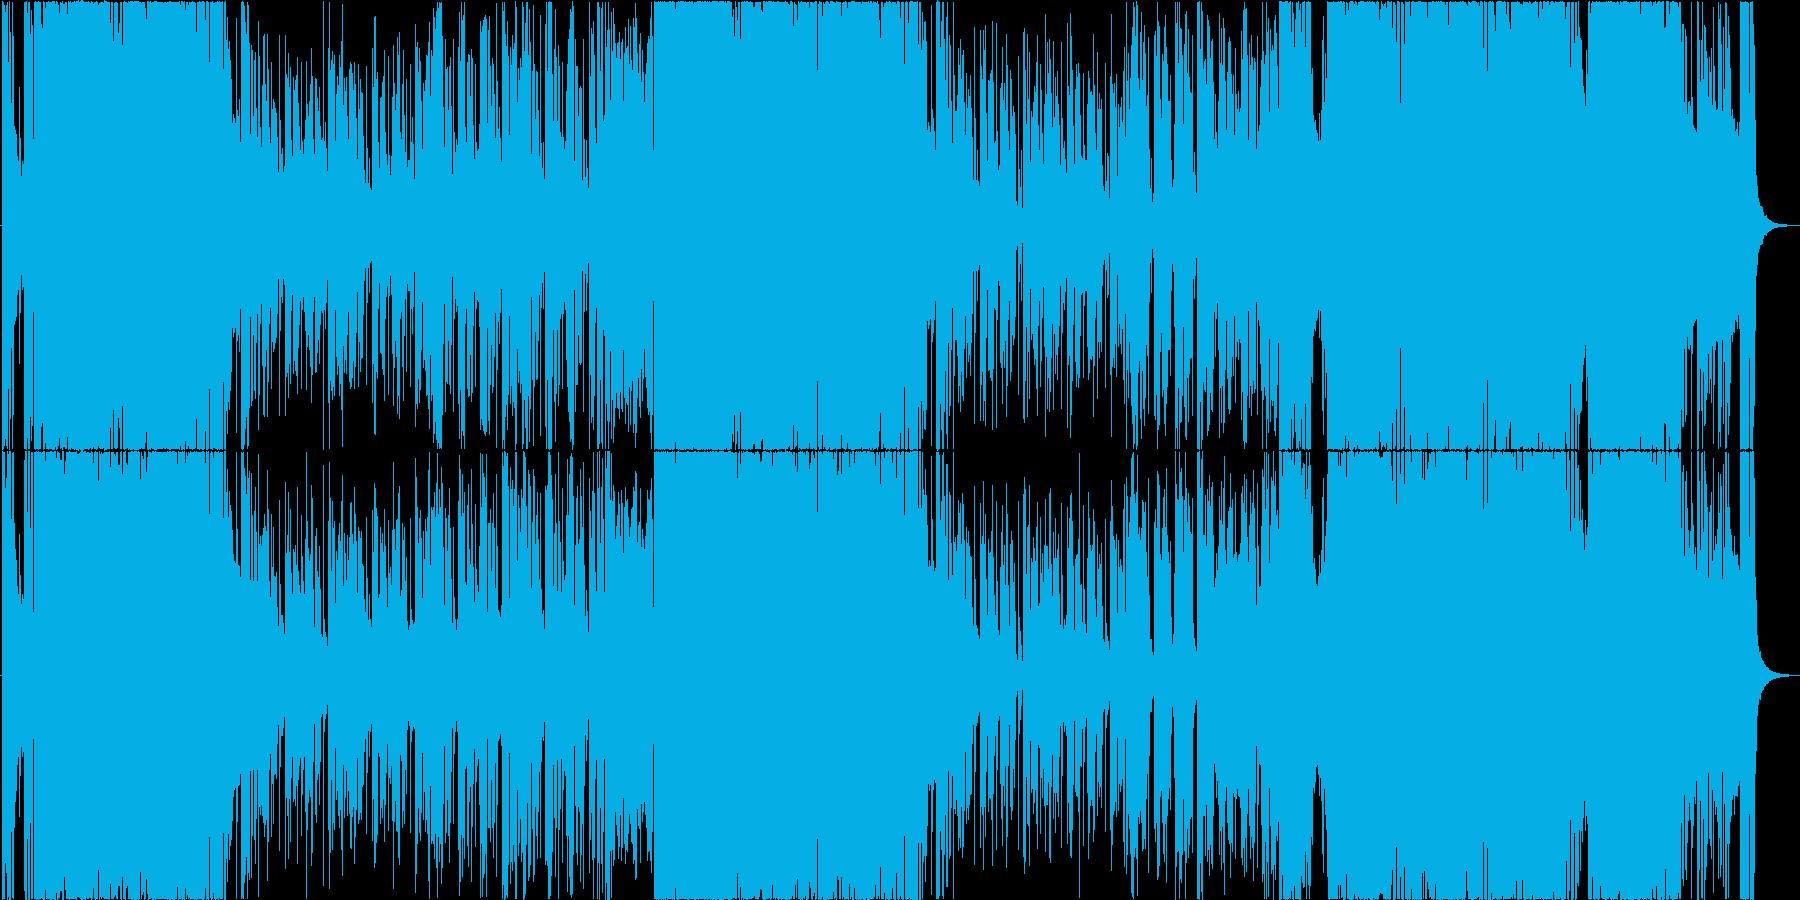 とにかくヘヴィで格好良いロックインストの再生済みの波形